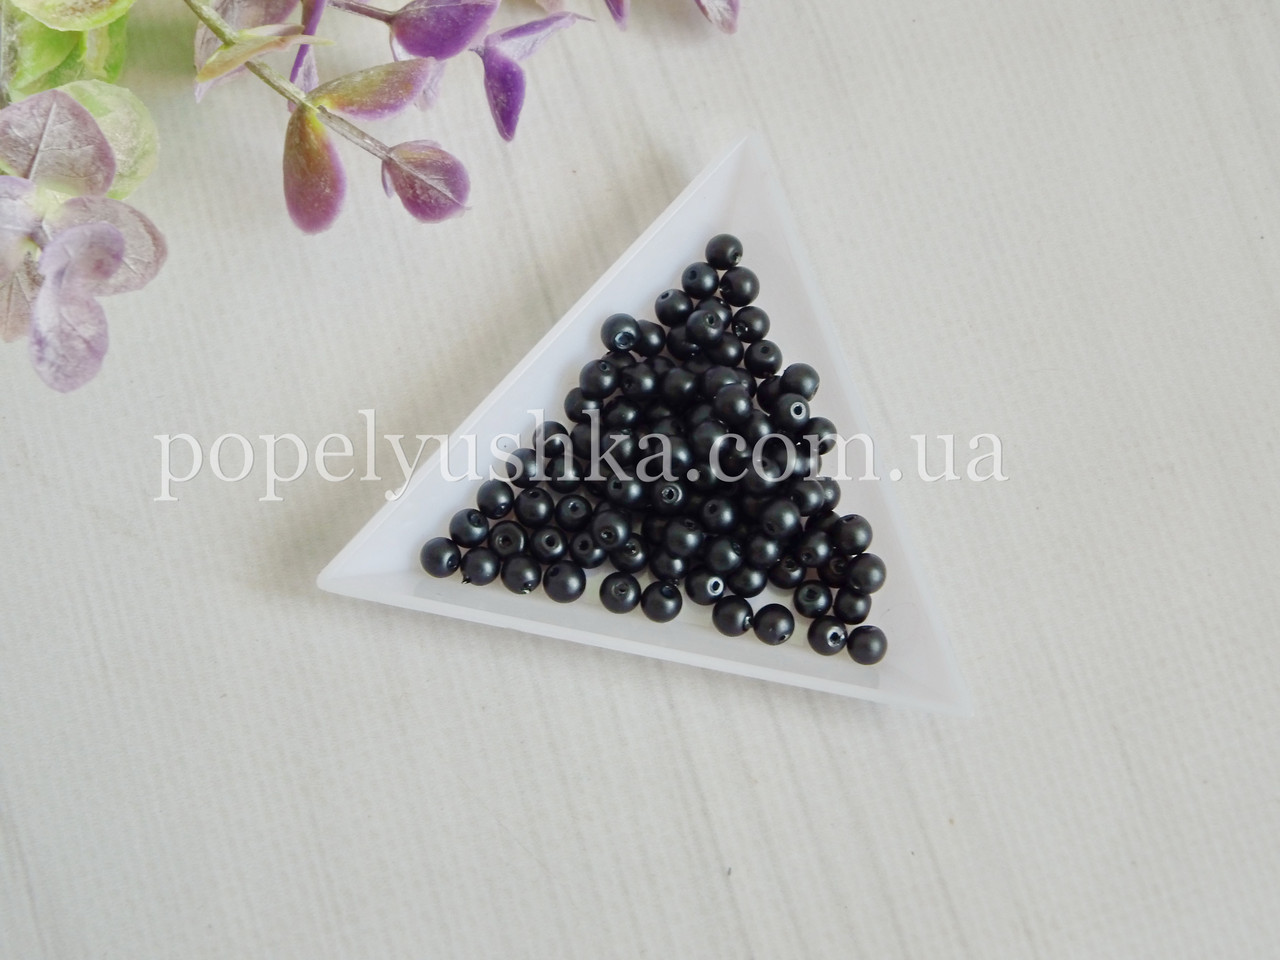 Перлини скляні 4 мм матові Чорні (50 шт.)